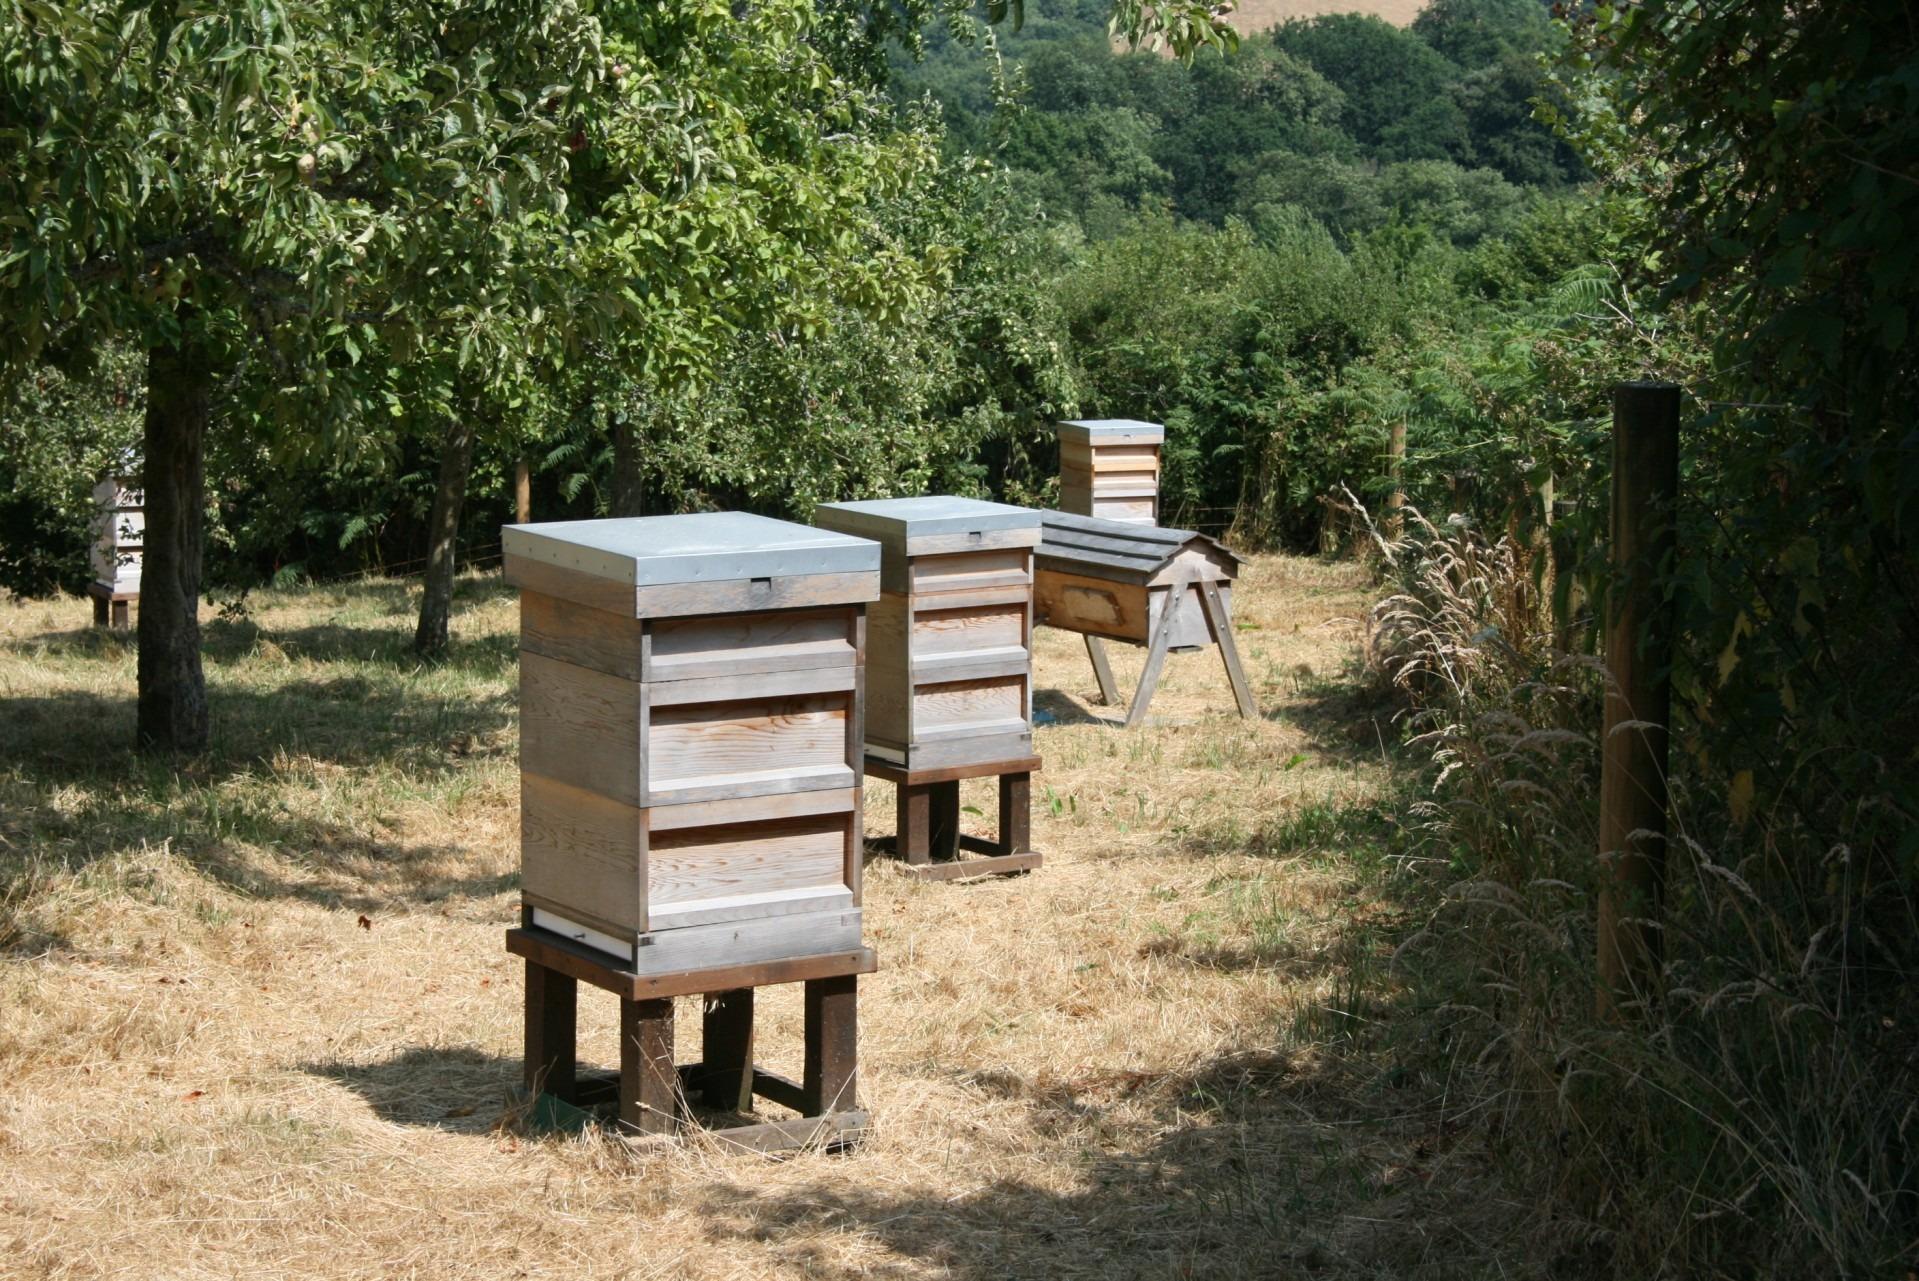 Fotos Gratis C Sped Campo Huerta Verano Insecto Patio  # Muebles La Huerta